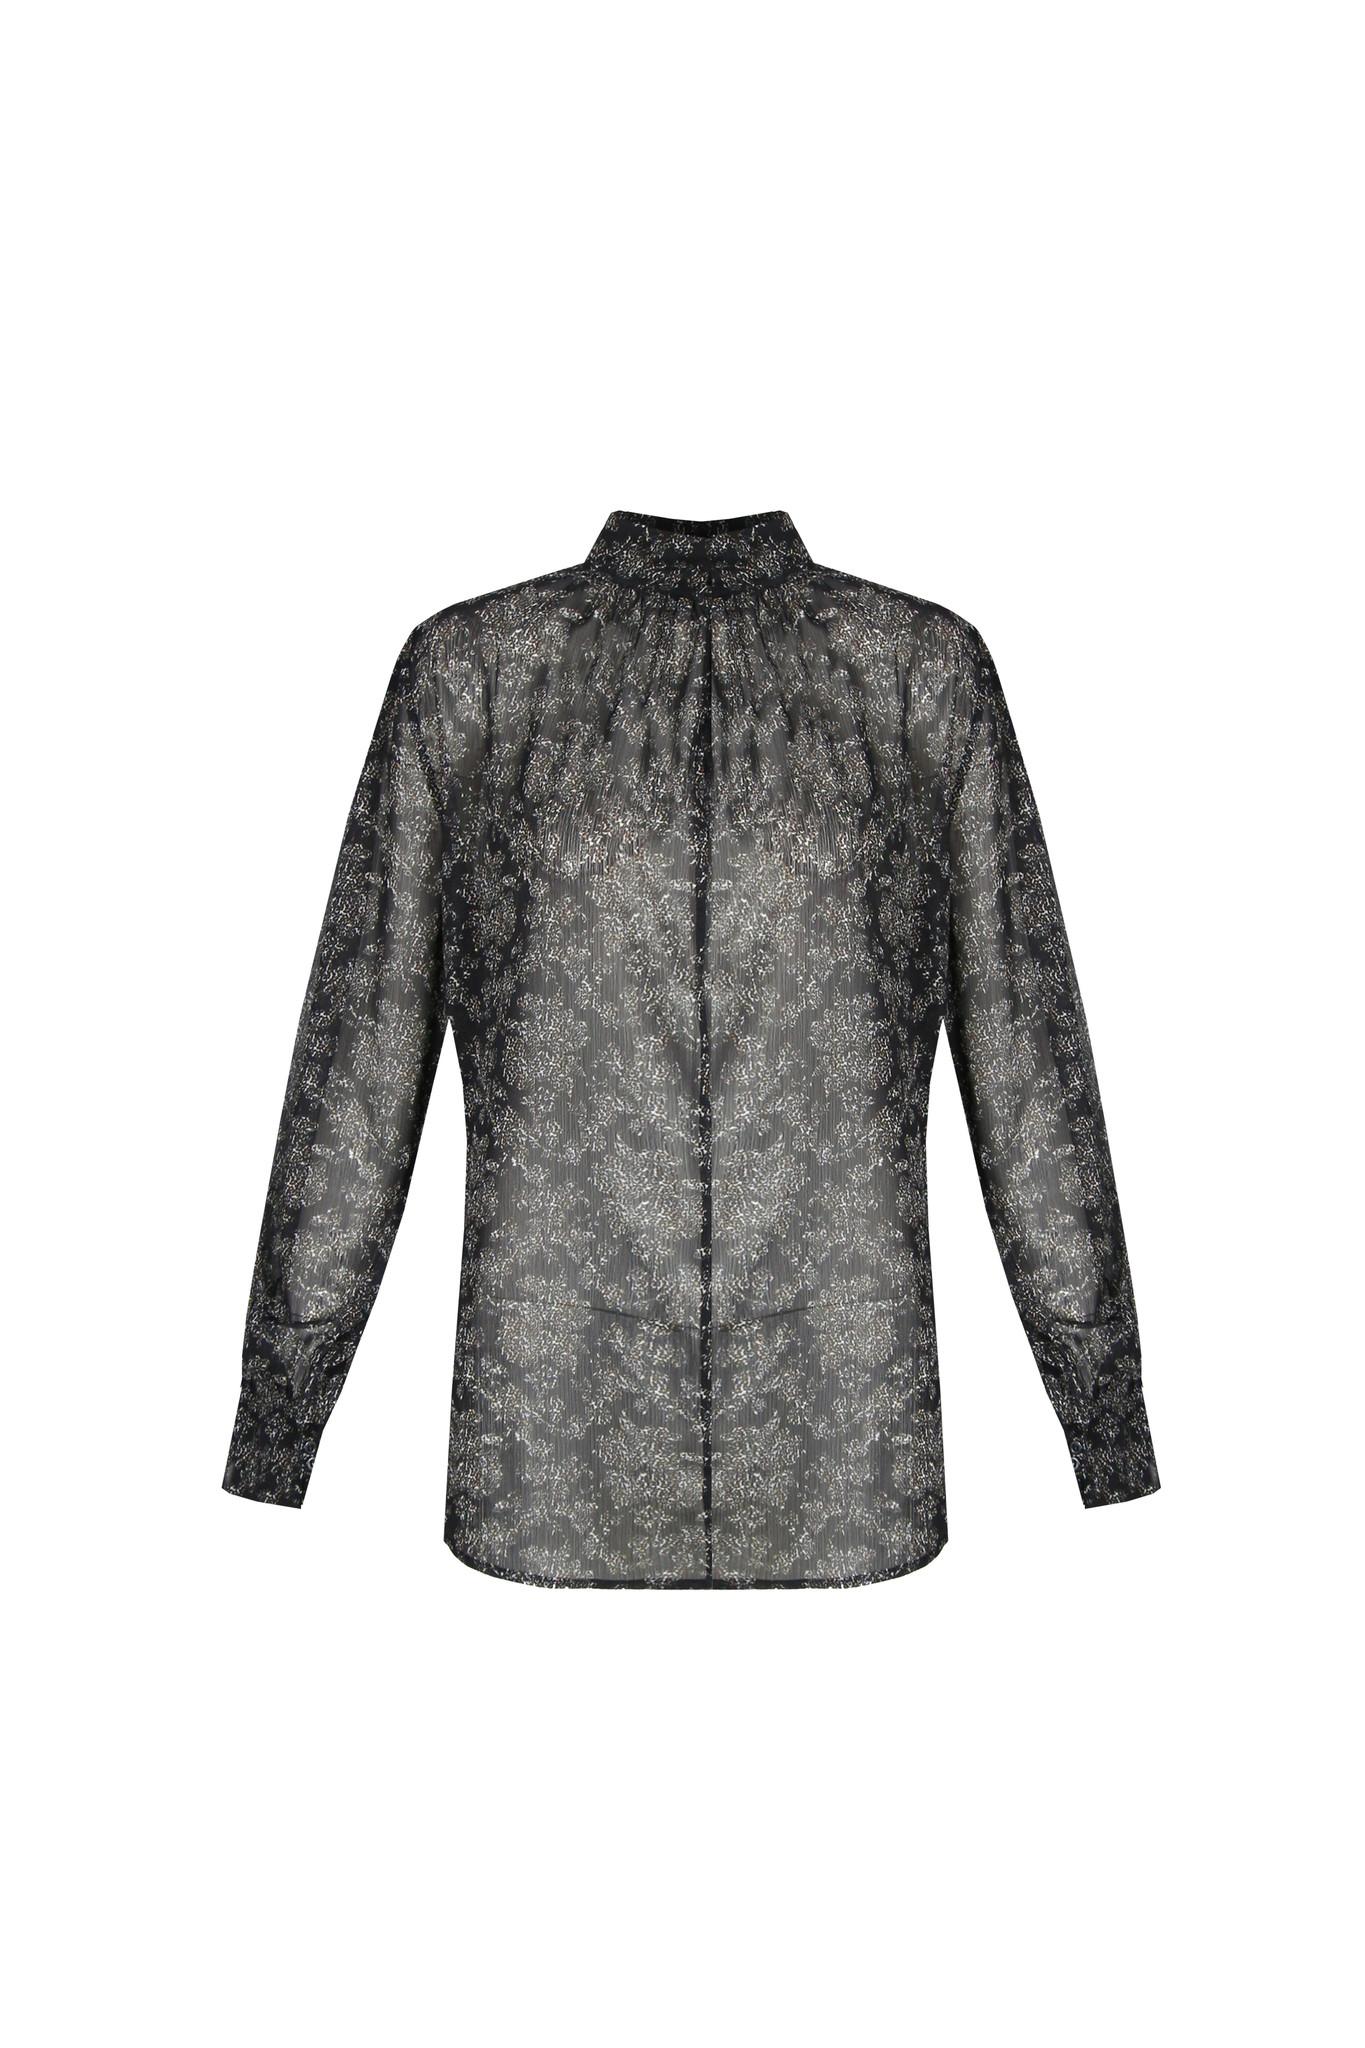 G-Maxx G-Maxx Keet blouse zwart/roomwit